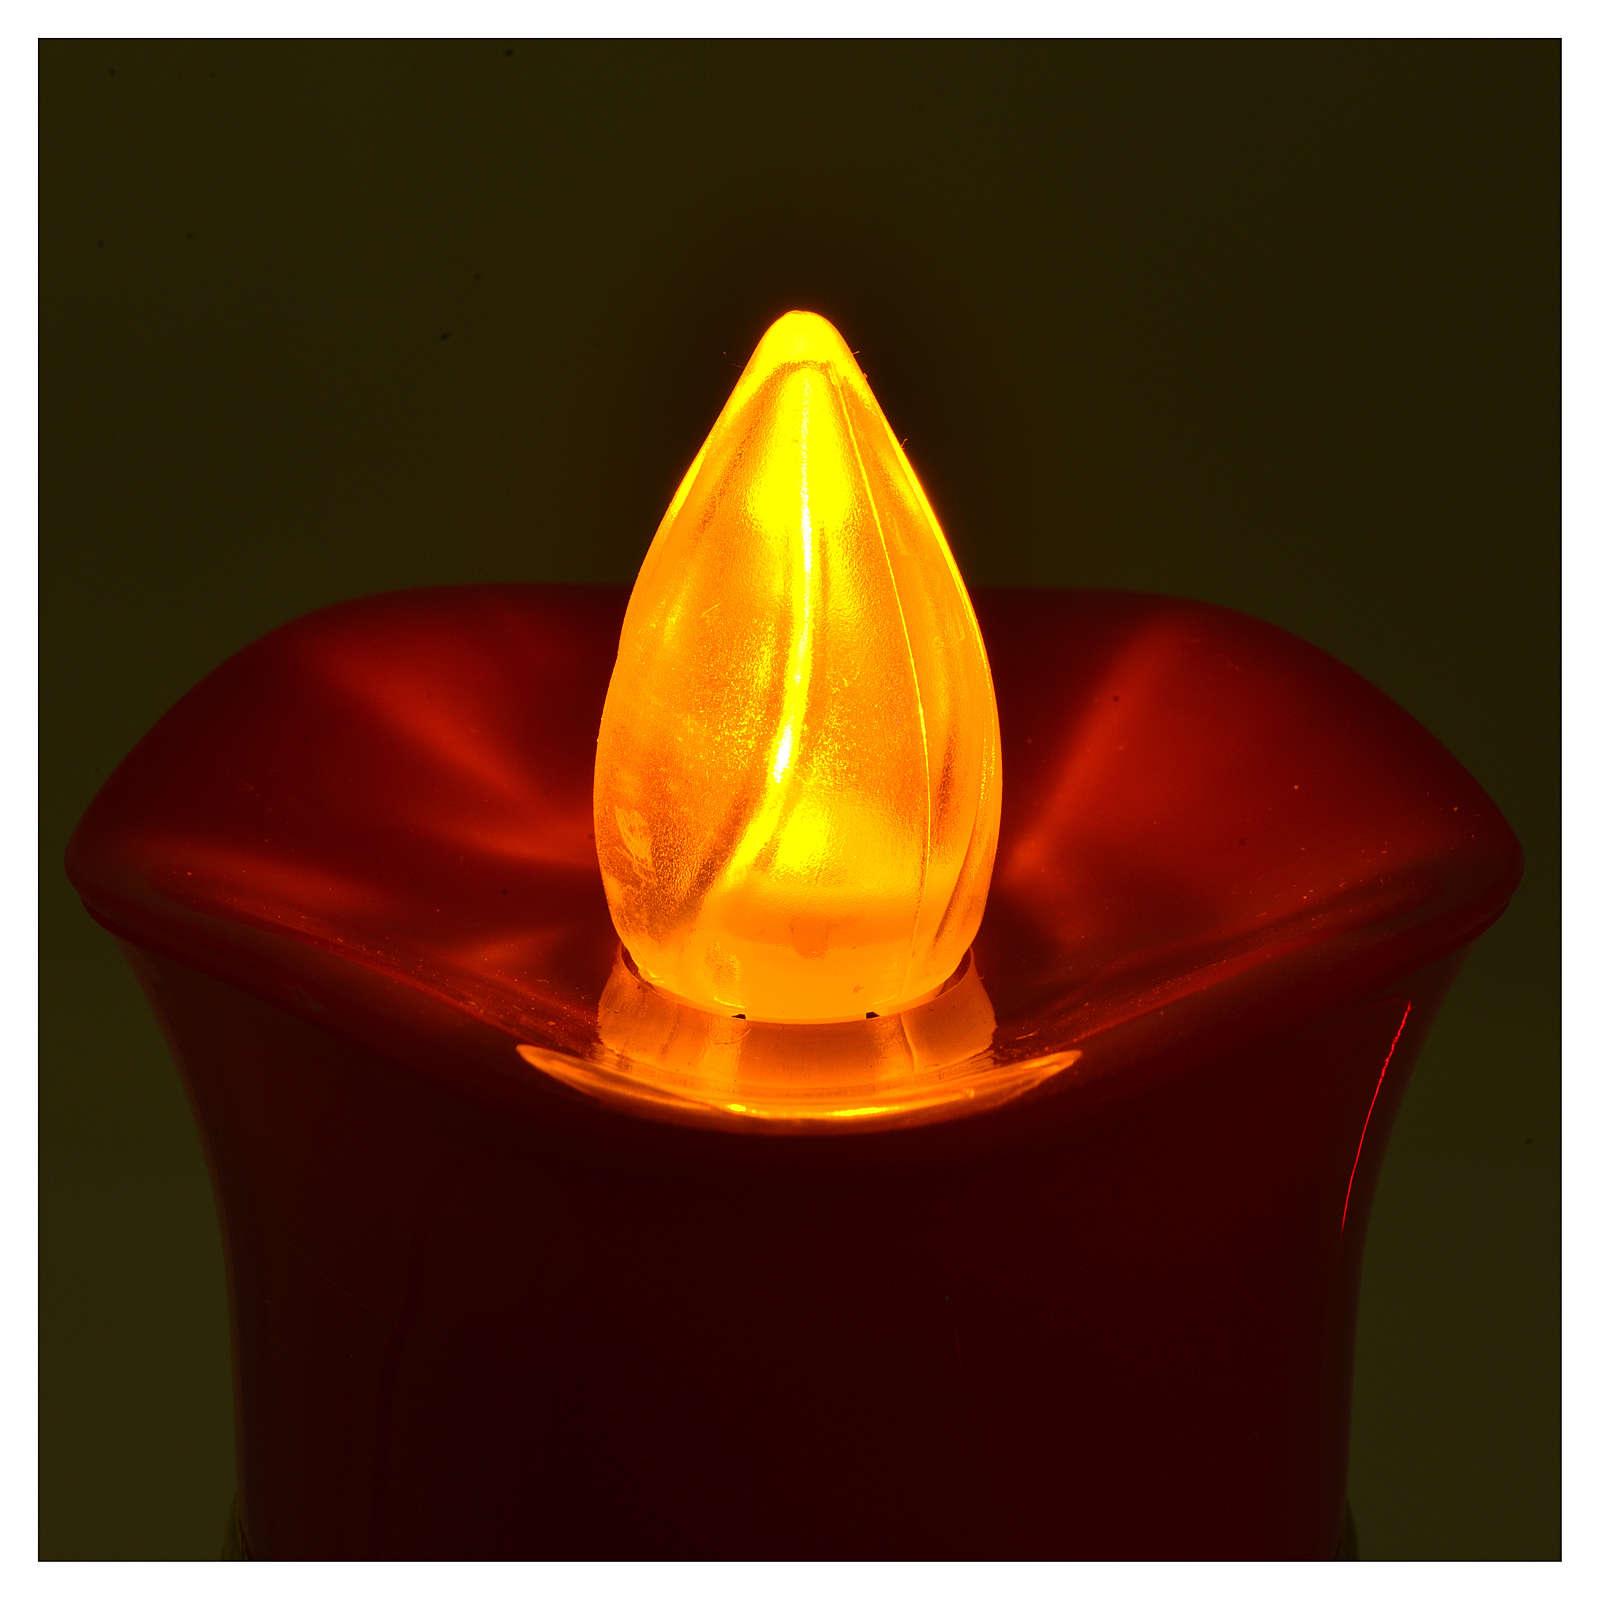 Lampka Lumada wizerunek Jezus biała płomień żółty drżący 3